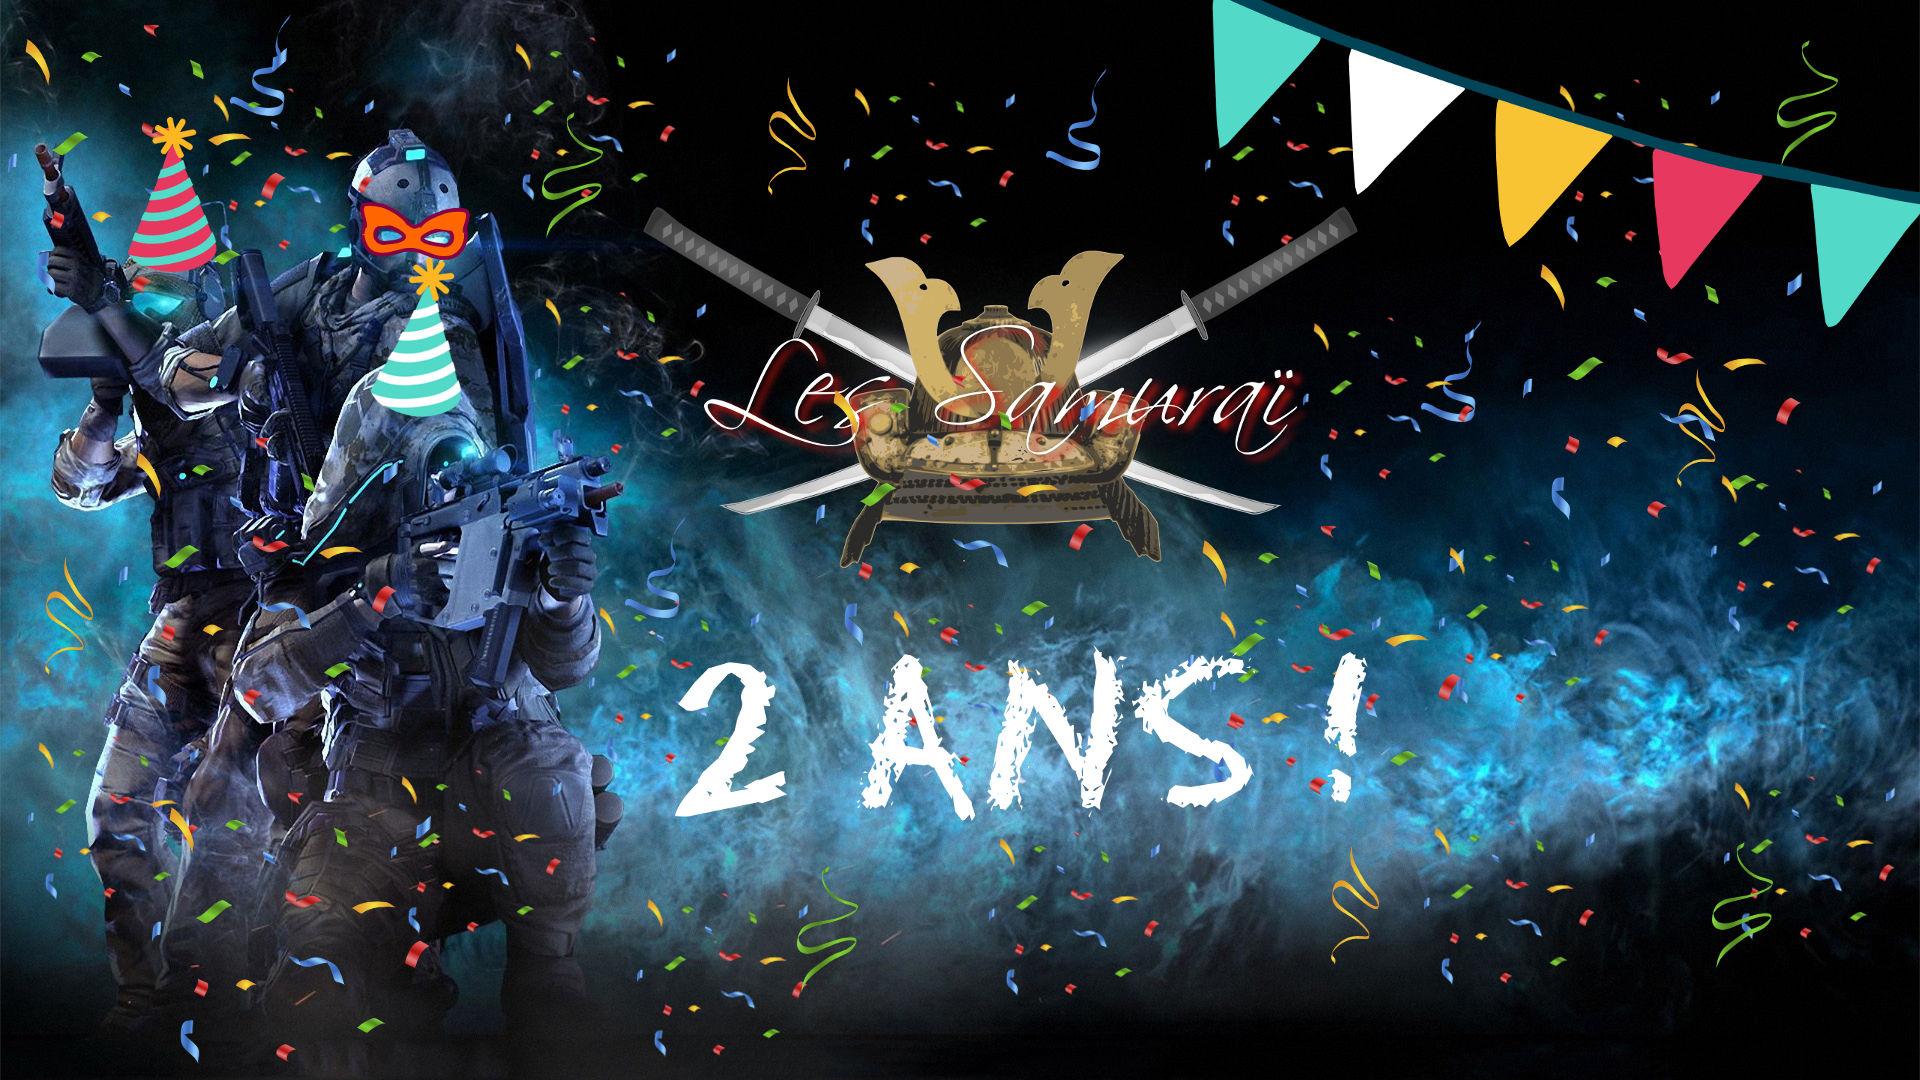 Les Samuraï Xls Communauté De Joueurs Francophones Fêtent destiné Jeux En Ligne 2 Ans